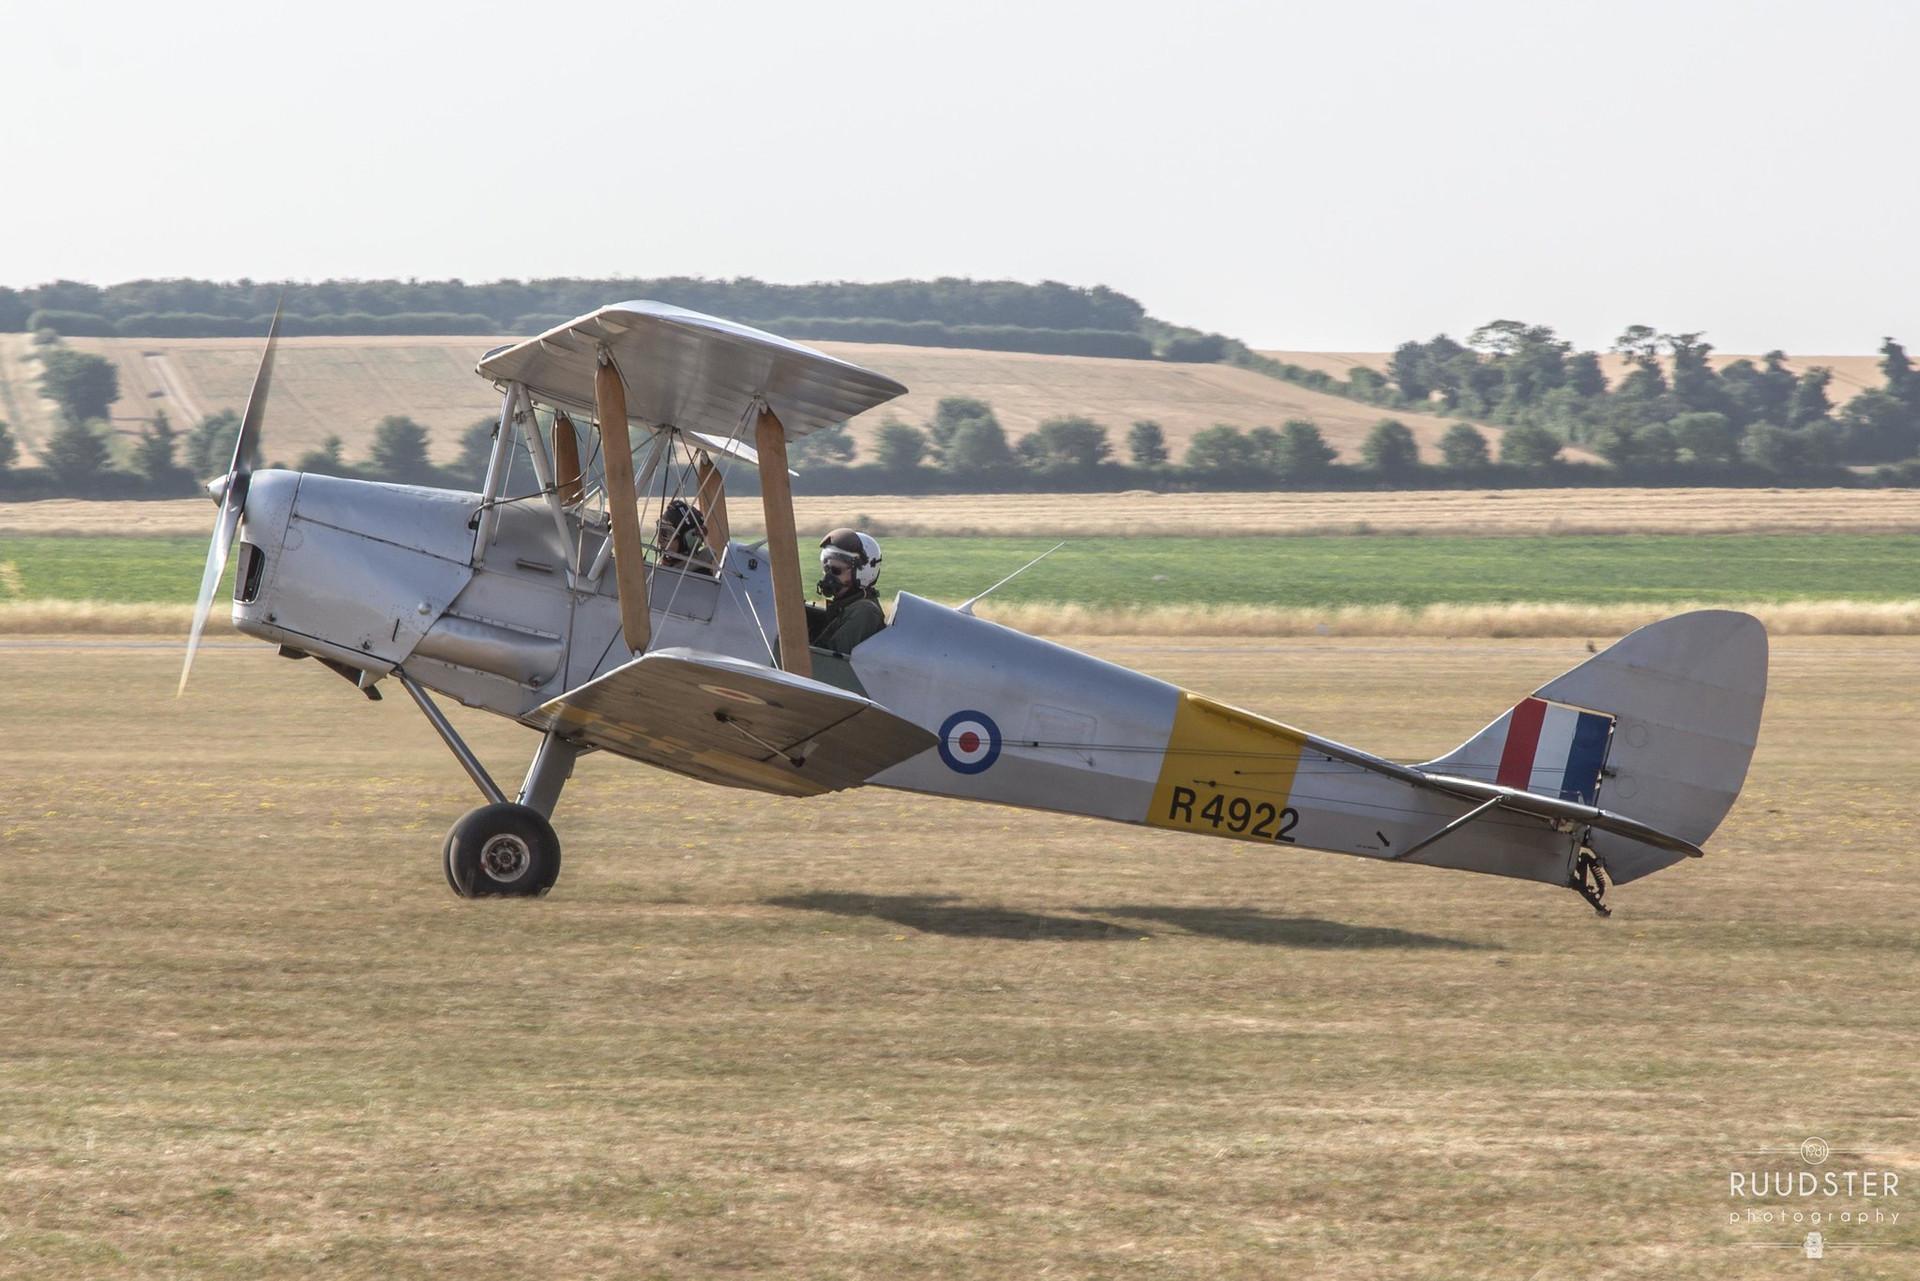 R4922 / G-APAO   Build: 1940 - De Havilland DH.82A 'Tiger Moth'